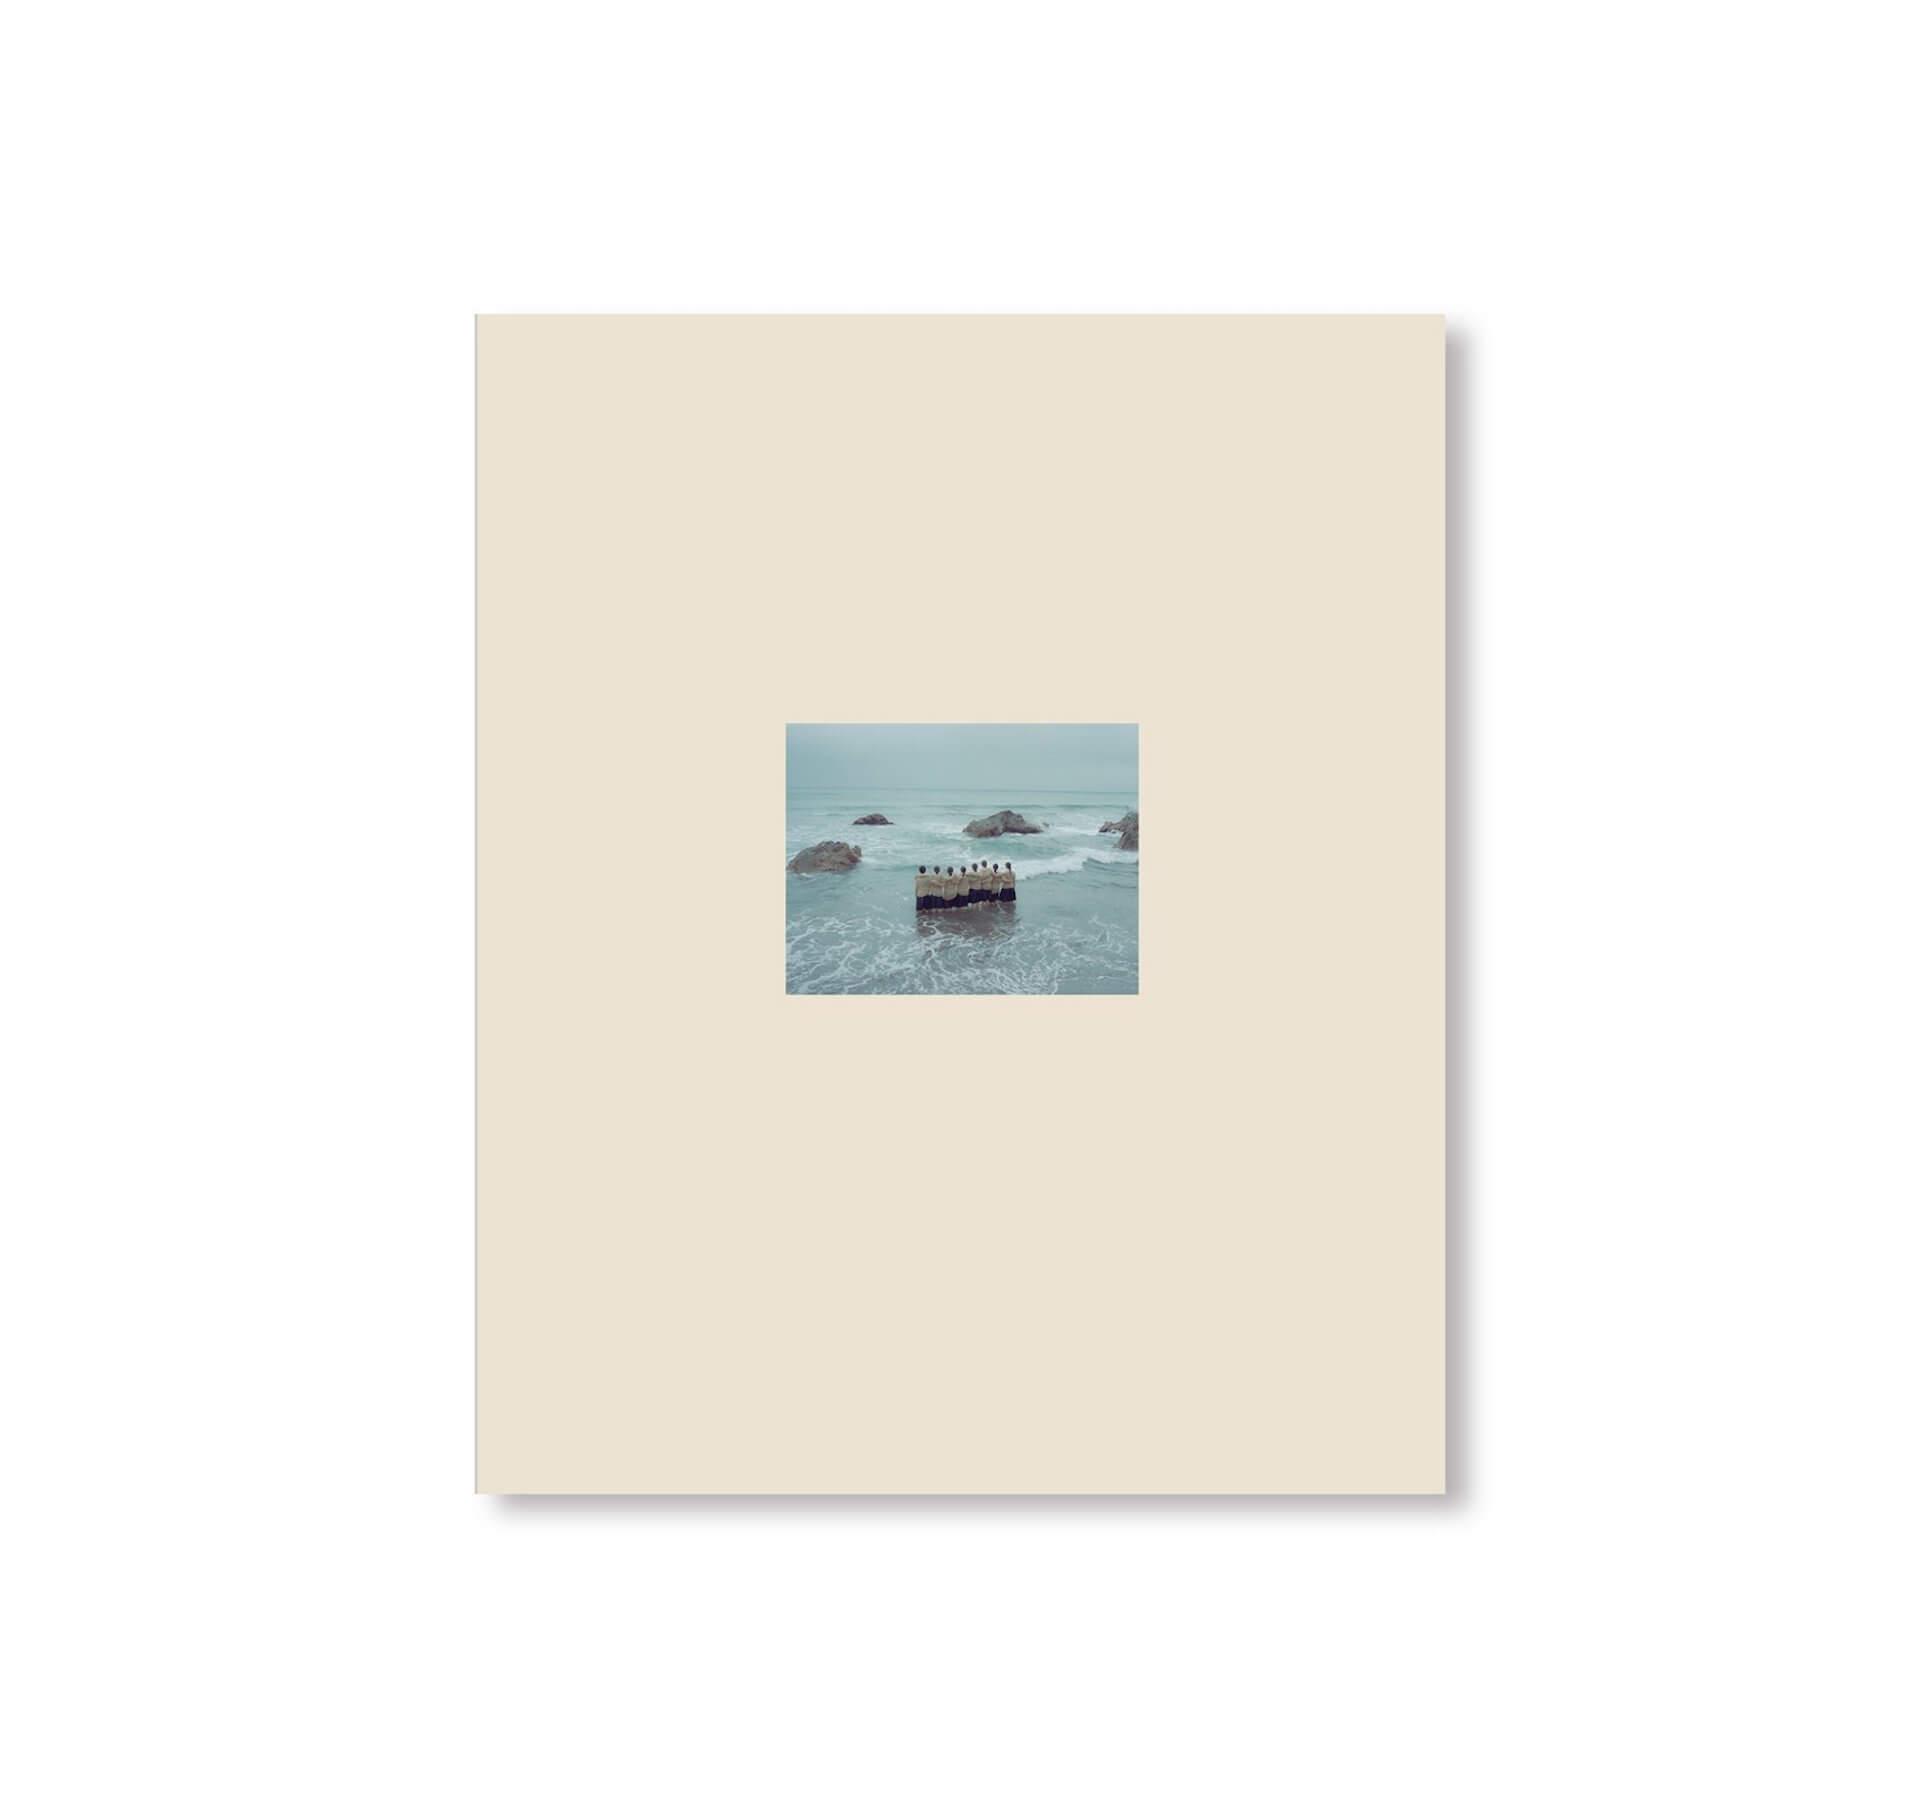 アートブックノススメ|Qetic編集部が選ぶ4冊/横浪修 他 column210730_artbook-010